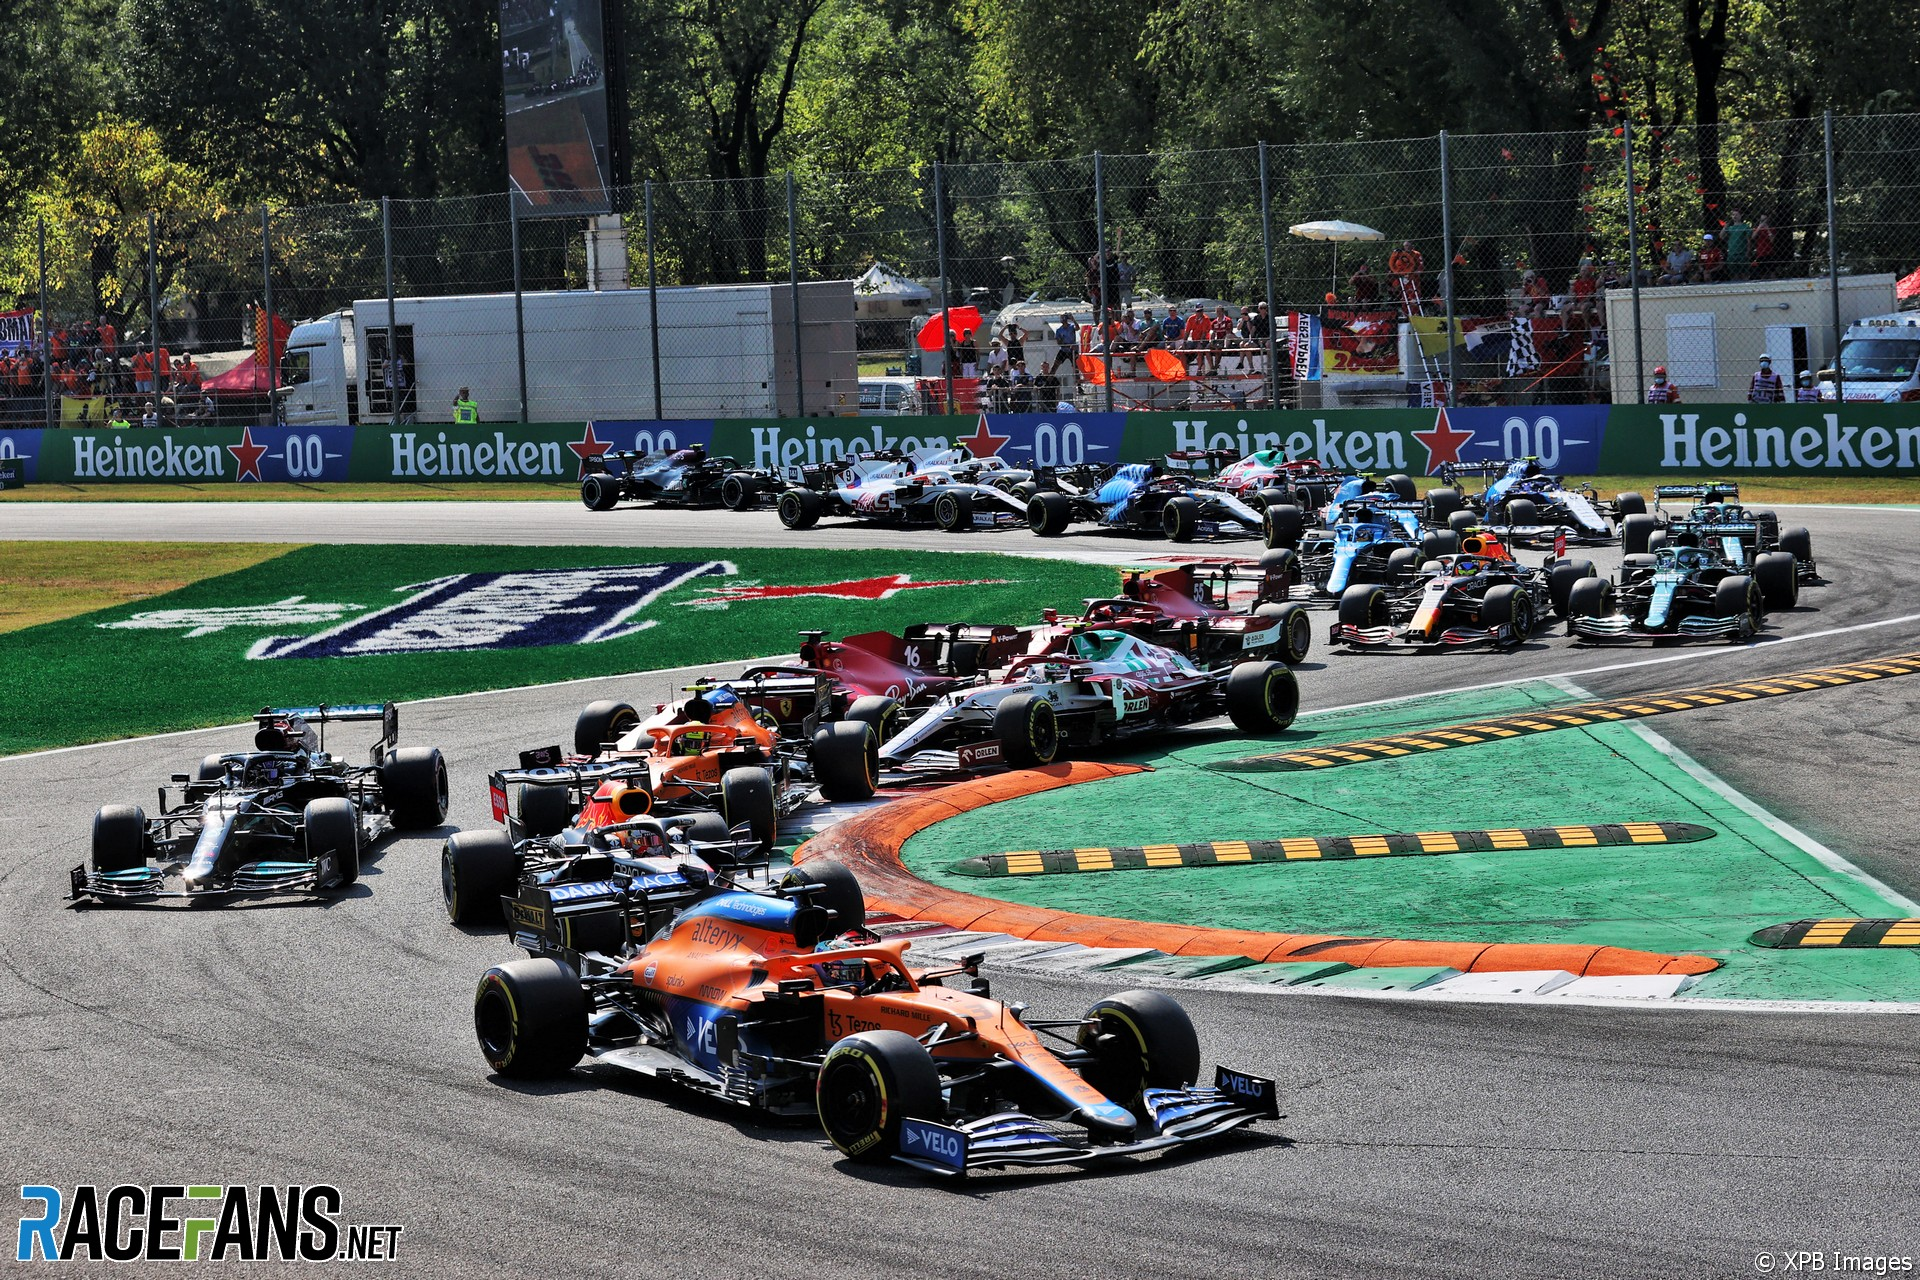 Daniel Ricciardo, McLaren, Monza, 2021